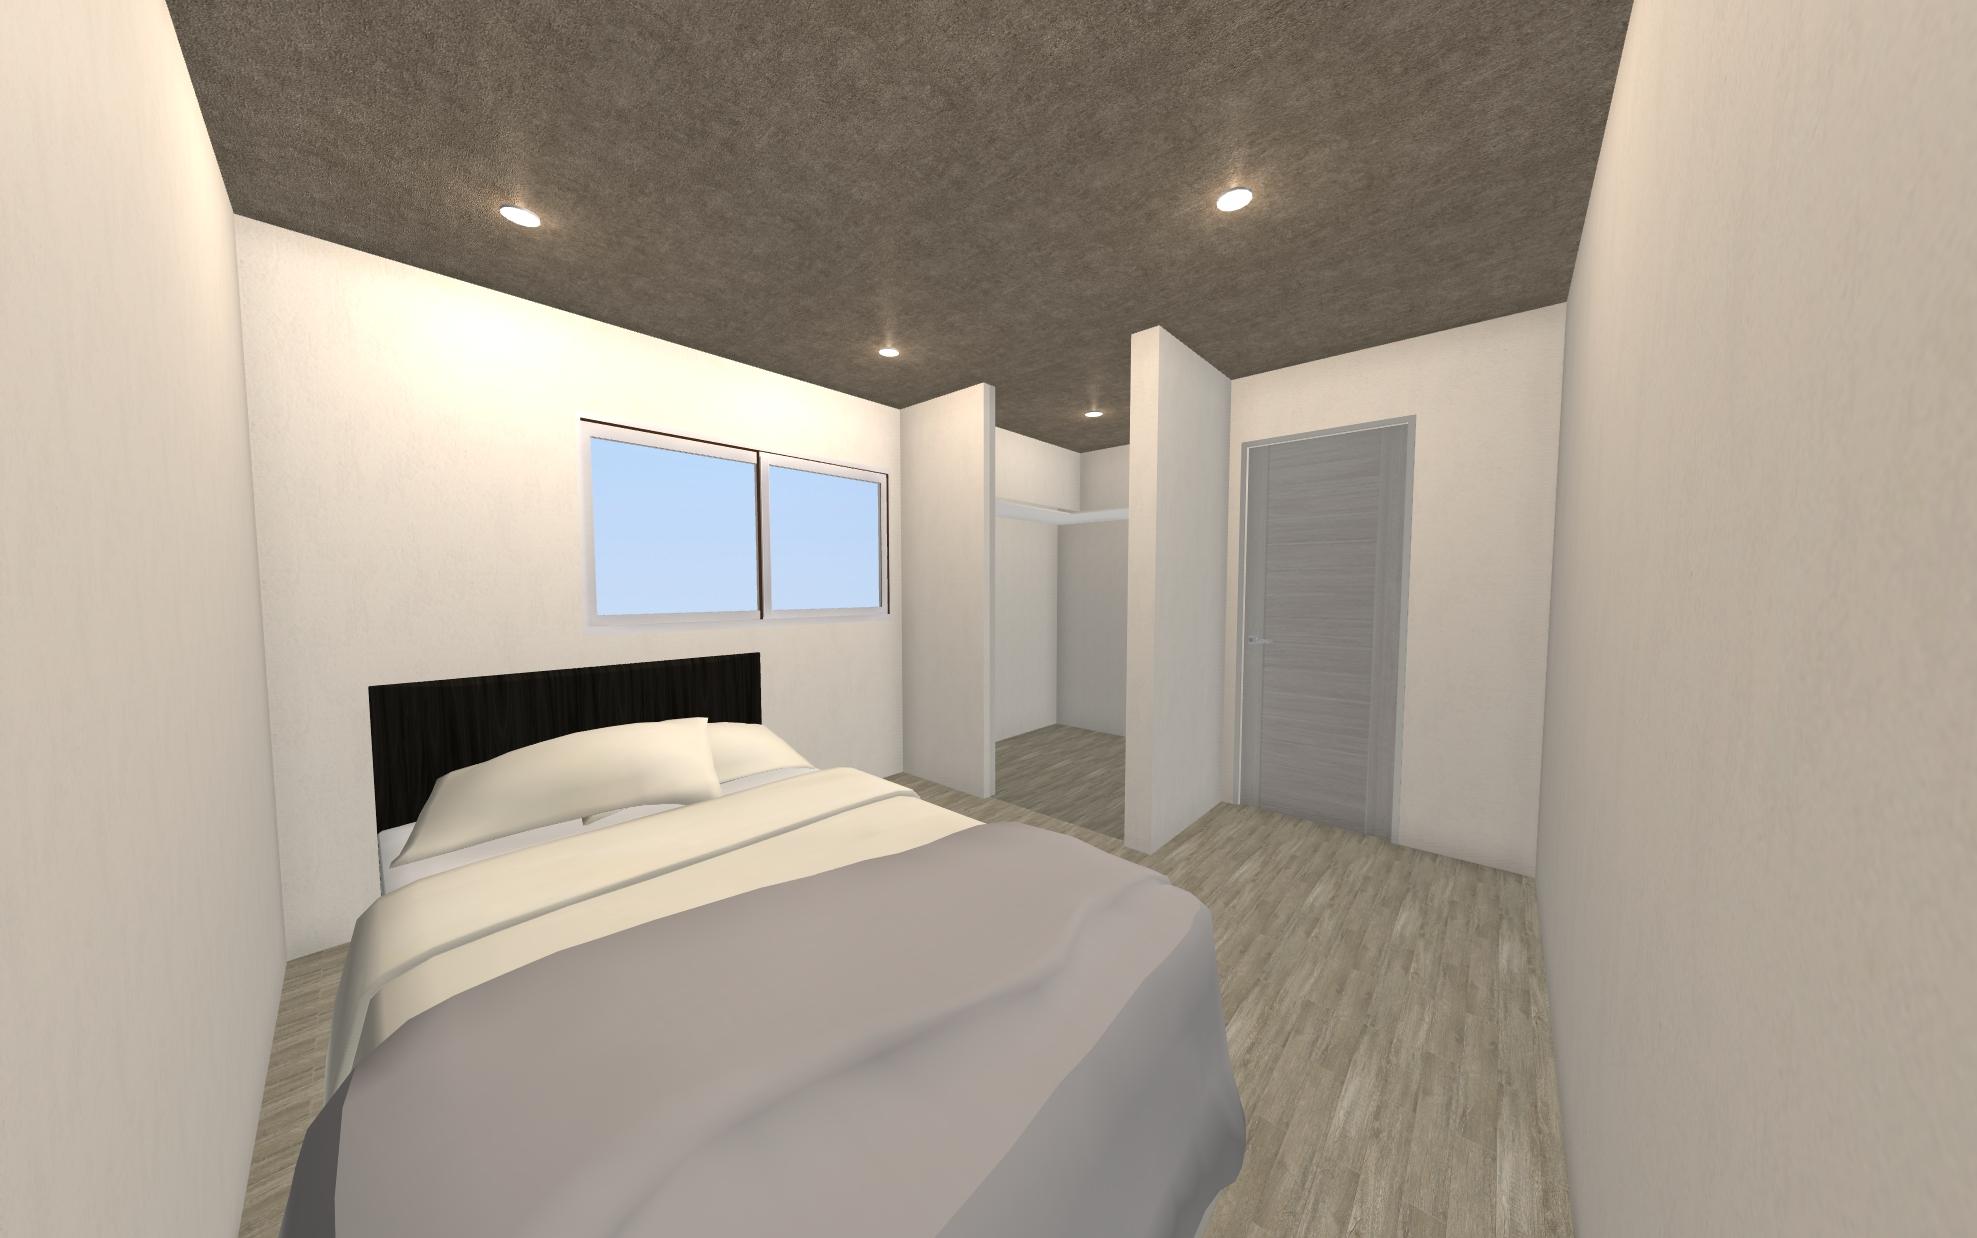 和室だったお部屋は洋室に。押し入れを利用したウォークインクローゼットもあります!